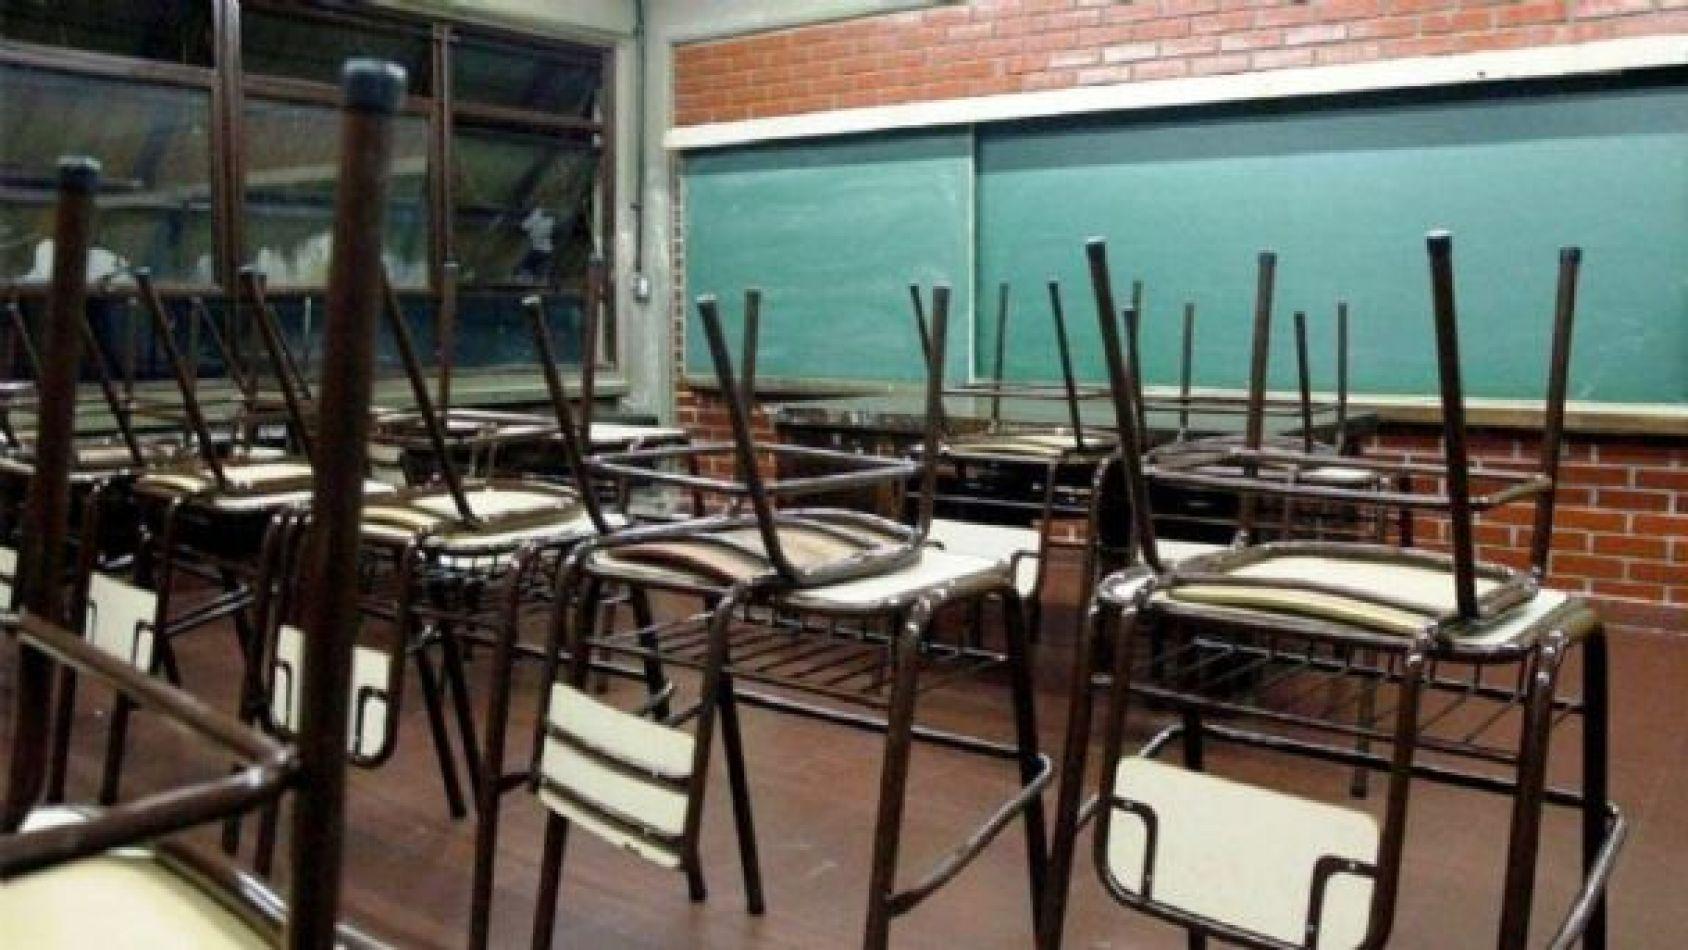 A preparar los útiles: las escuelas salteñas reabrirán sus puertas la semana que viene